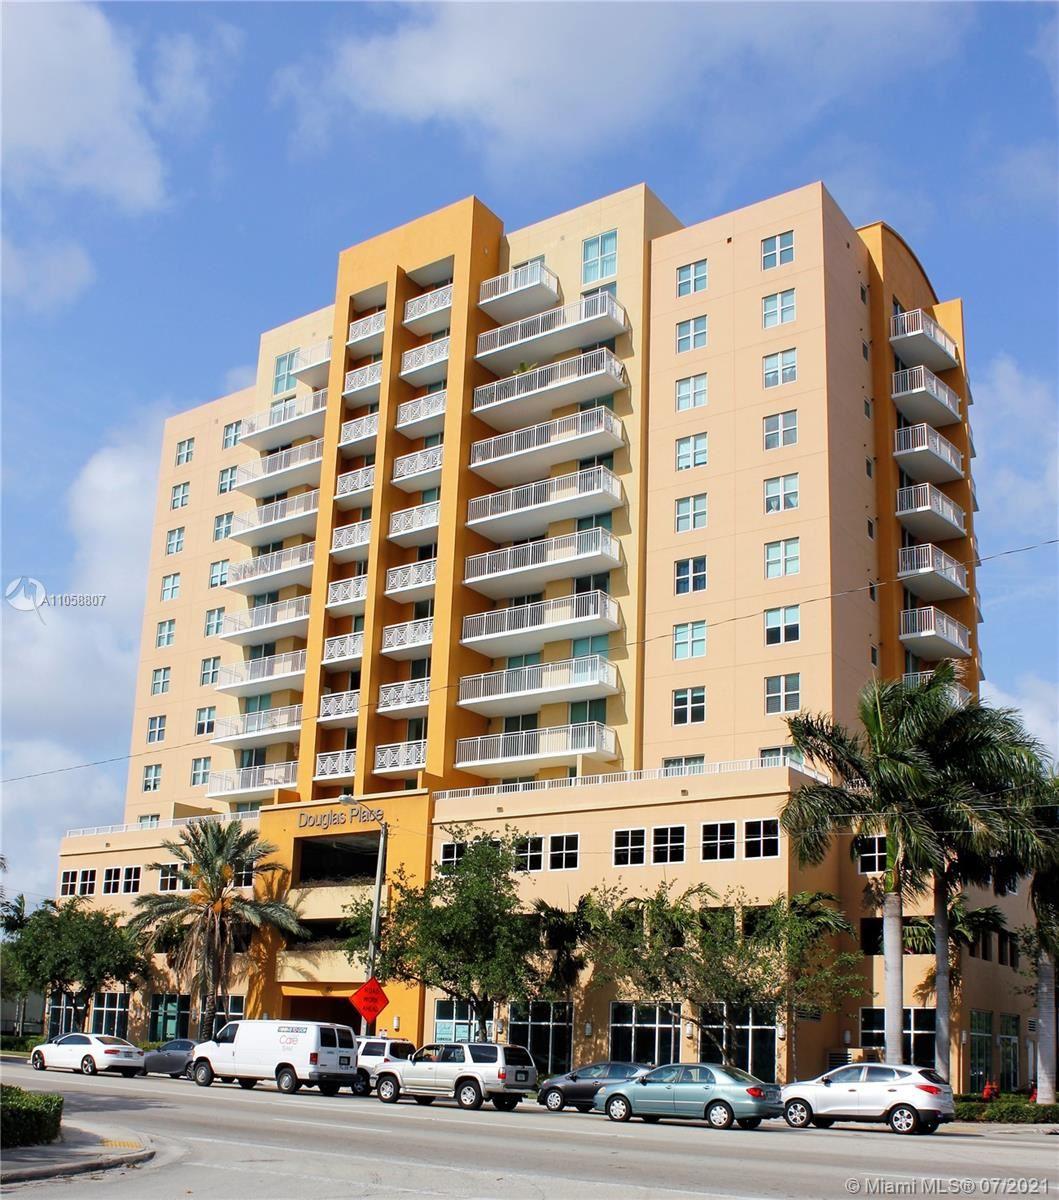 60 NW 37th Ave #706, Miami, FL 33125 - #: A11058807